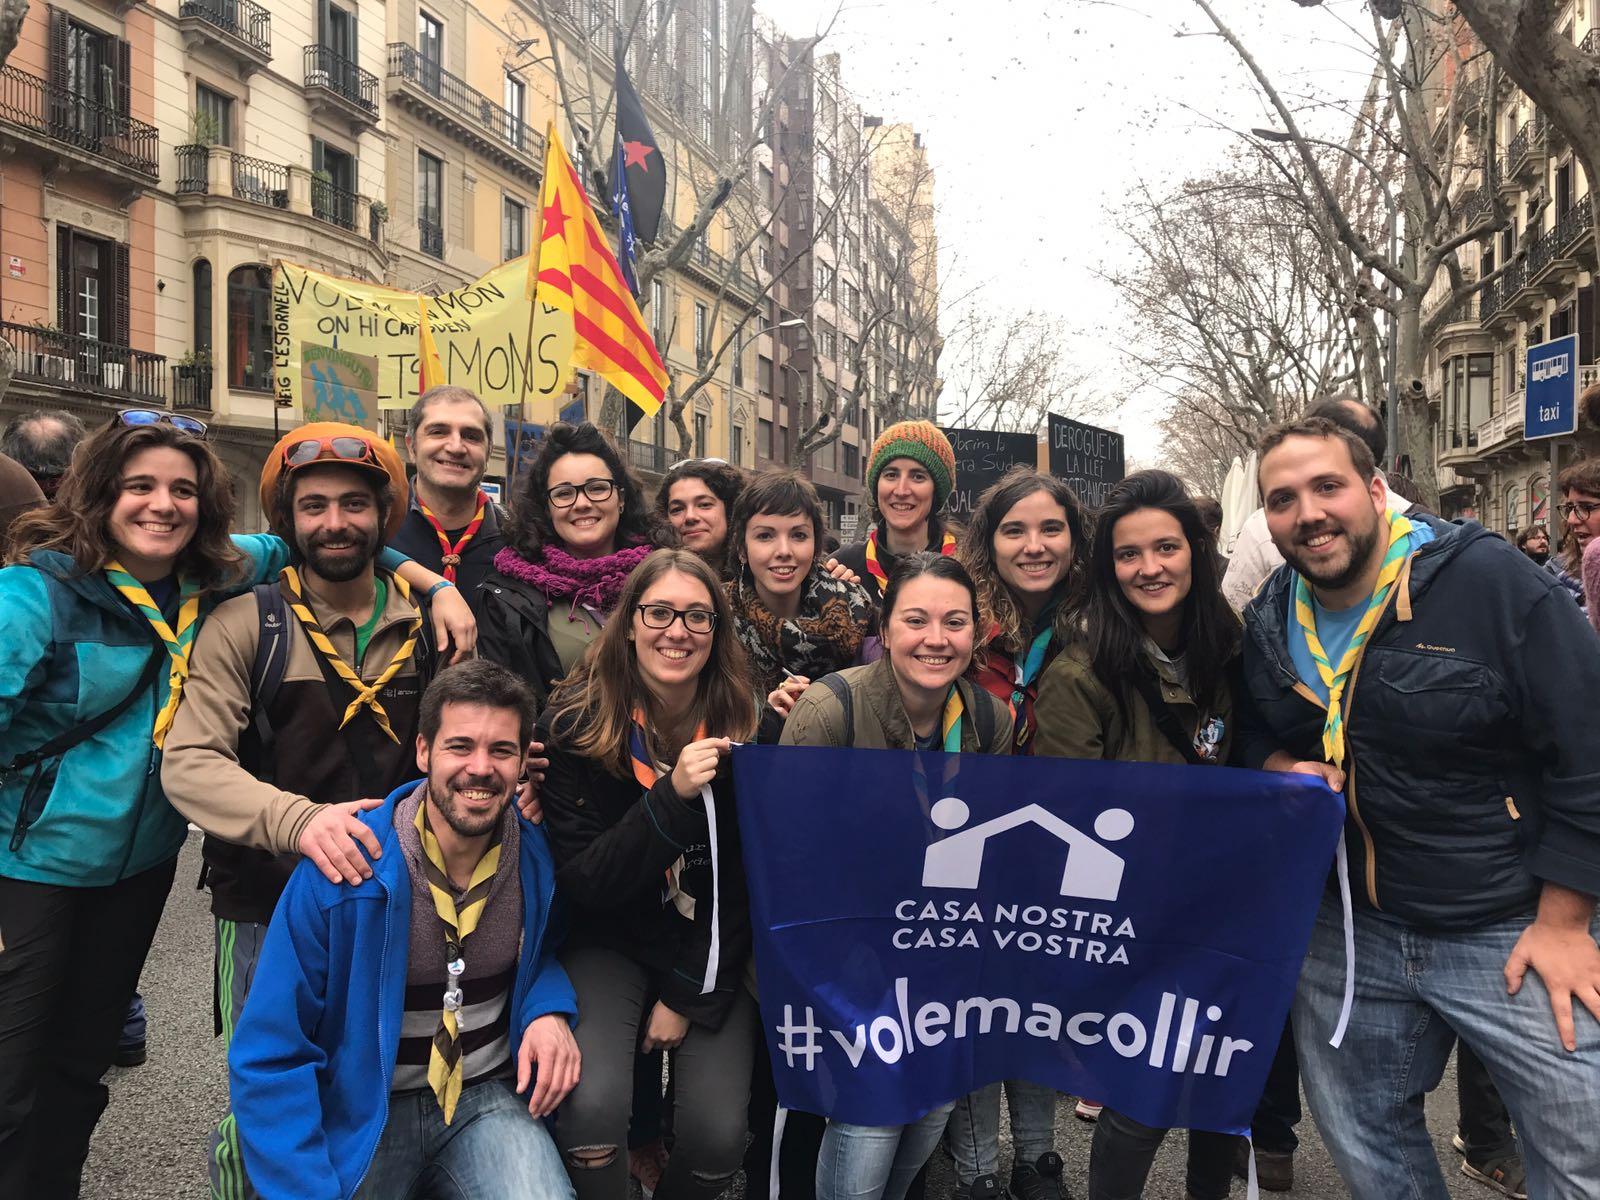 Membres dels espais generals, des de Barcelona a la manifestació de #CasaNostraCasaVostra #somdecau #obrimfronteres #obrimelscaus! https://t.co/ODyRX5kxYn